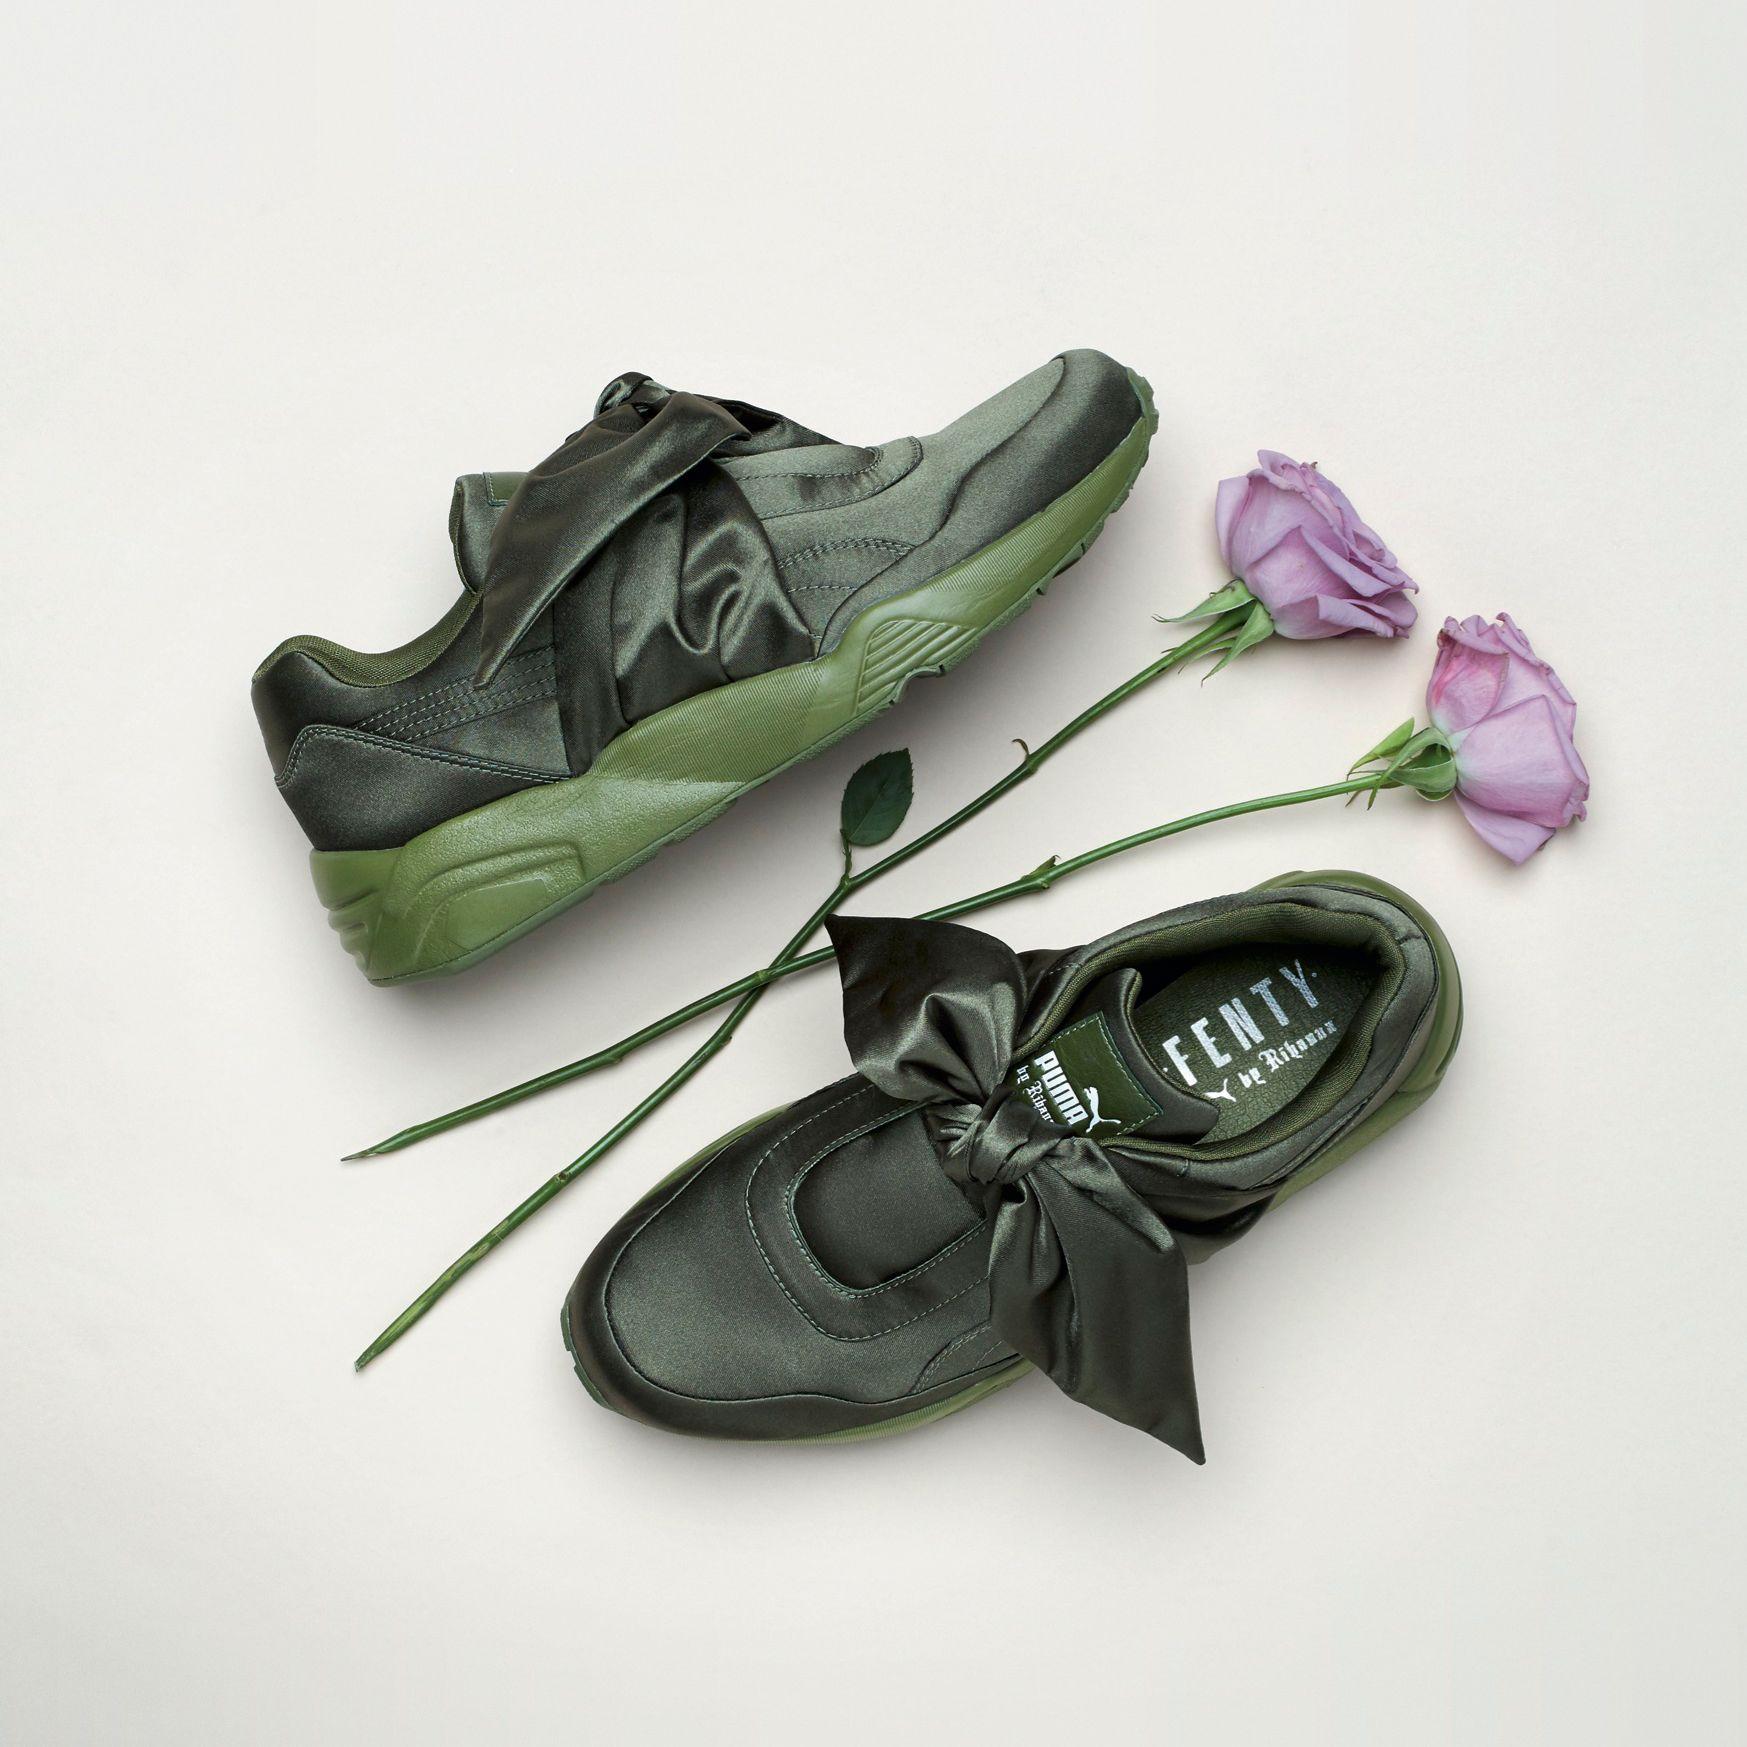 france puma shoes collection 2017 e48a6 b5e9a